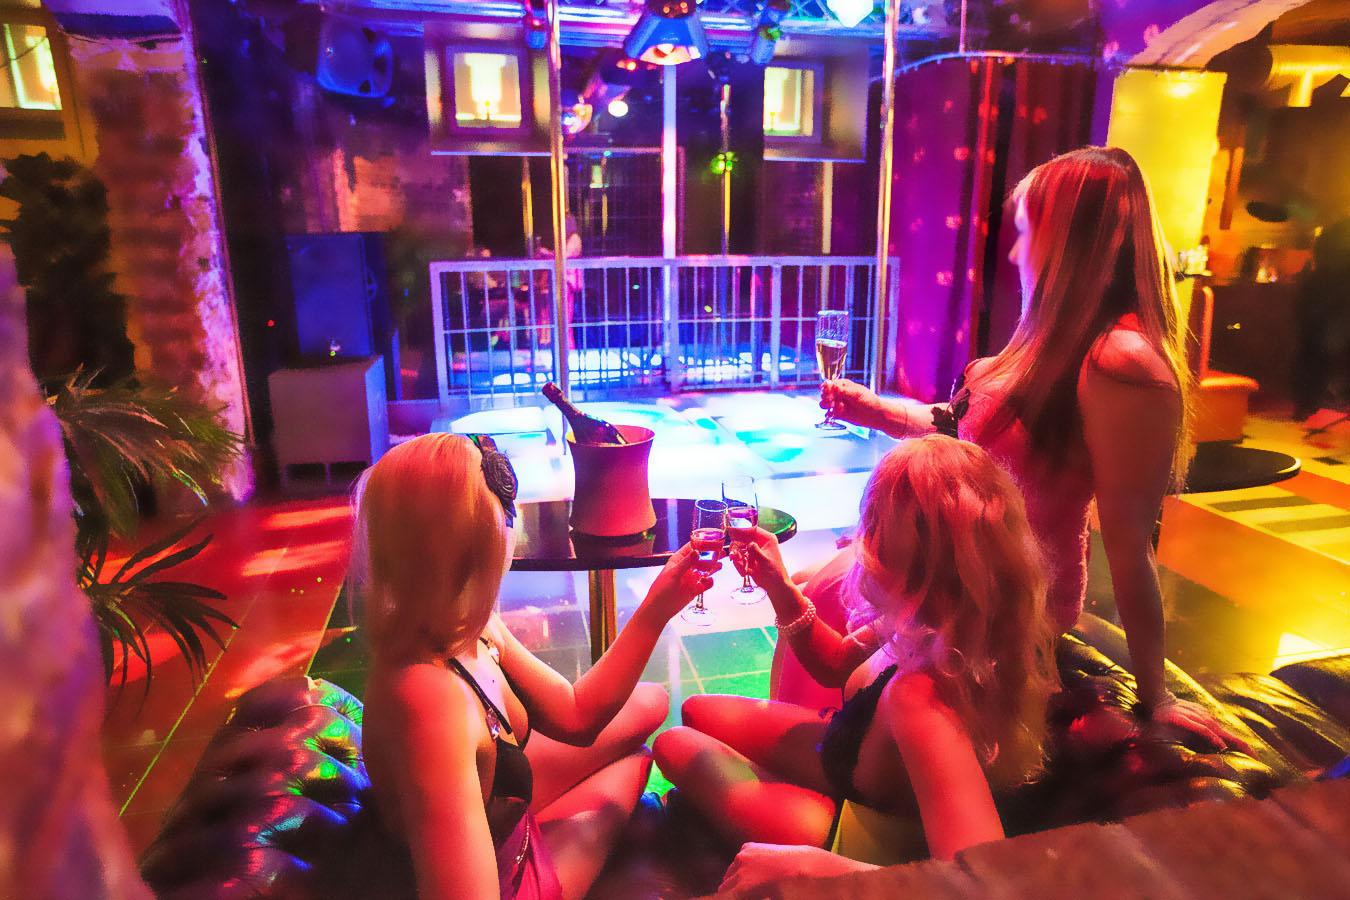 порно фото отчет свингеры № 45904 бесплатно